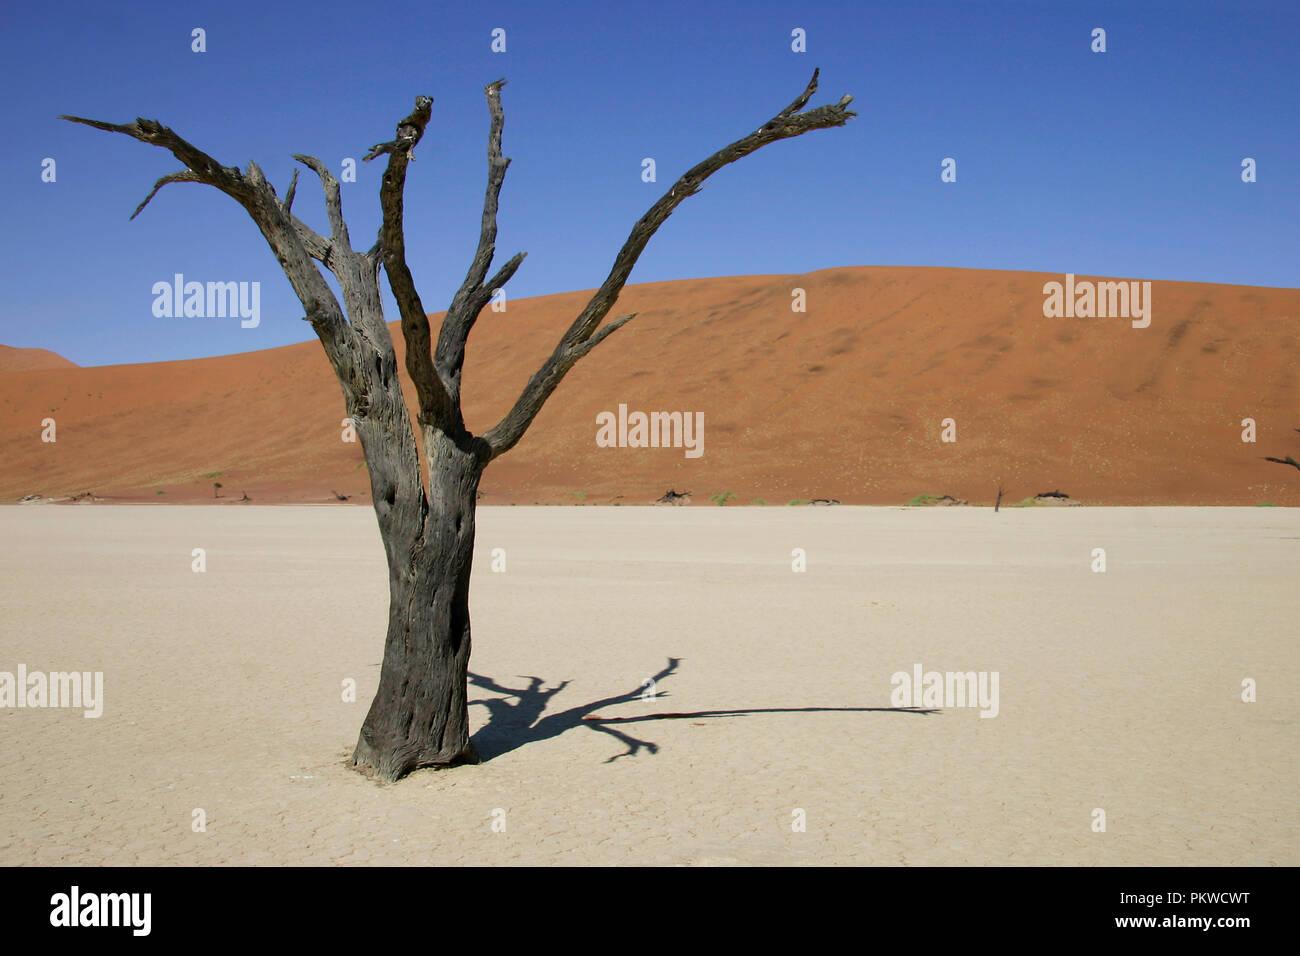 Ansicht der Namib Wüste bei Sossusvlei, ein Salz und Lehm von hohen roten Sanddünen, im südlichen Teil der Namib Wüste umgeben Pan. Stockfoto